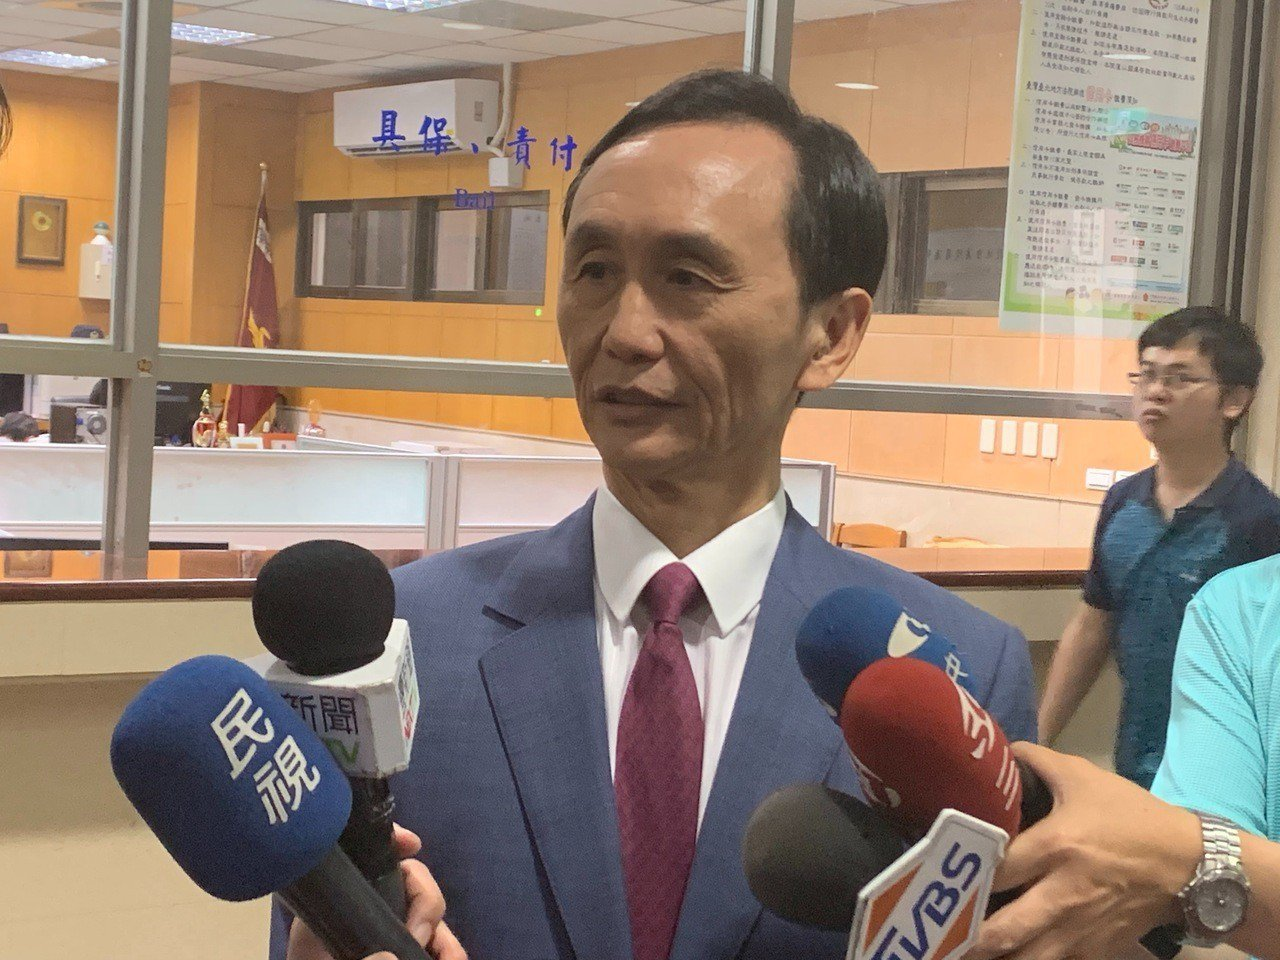 吳子嘉被陳菊自訴加重誹謗罪,吳今天出庭。記者王聖藜/攝影